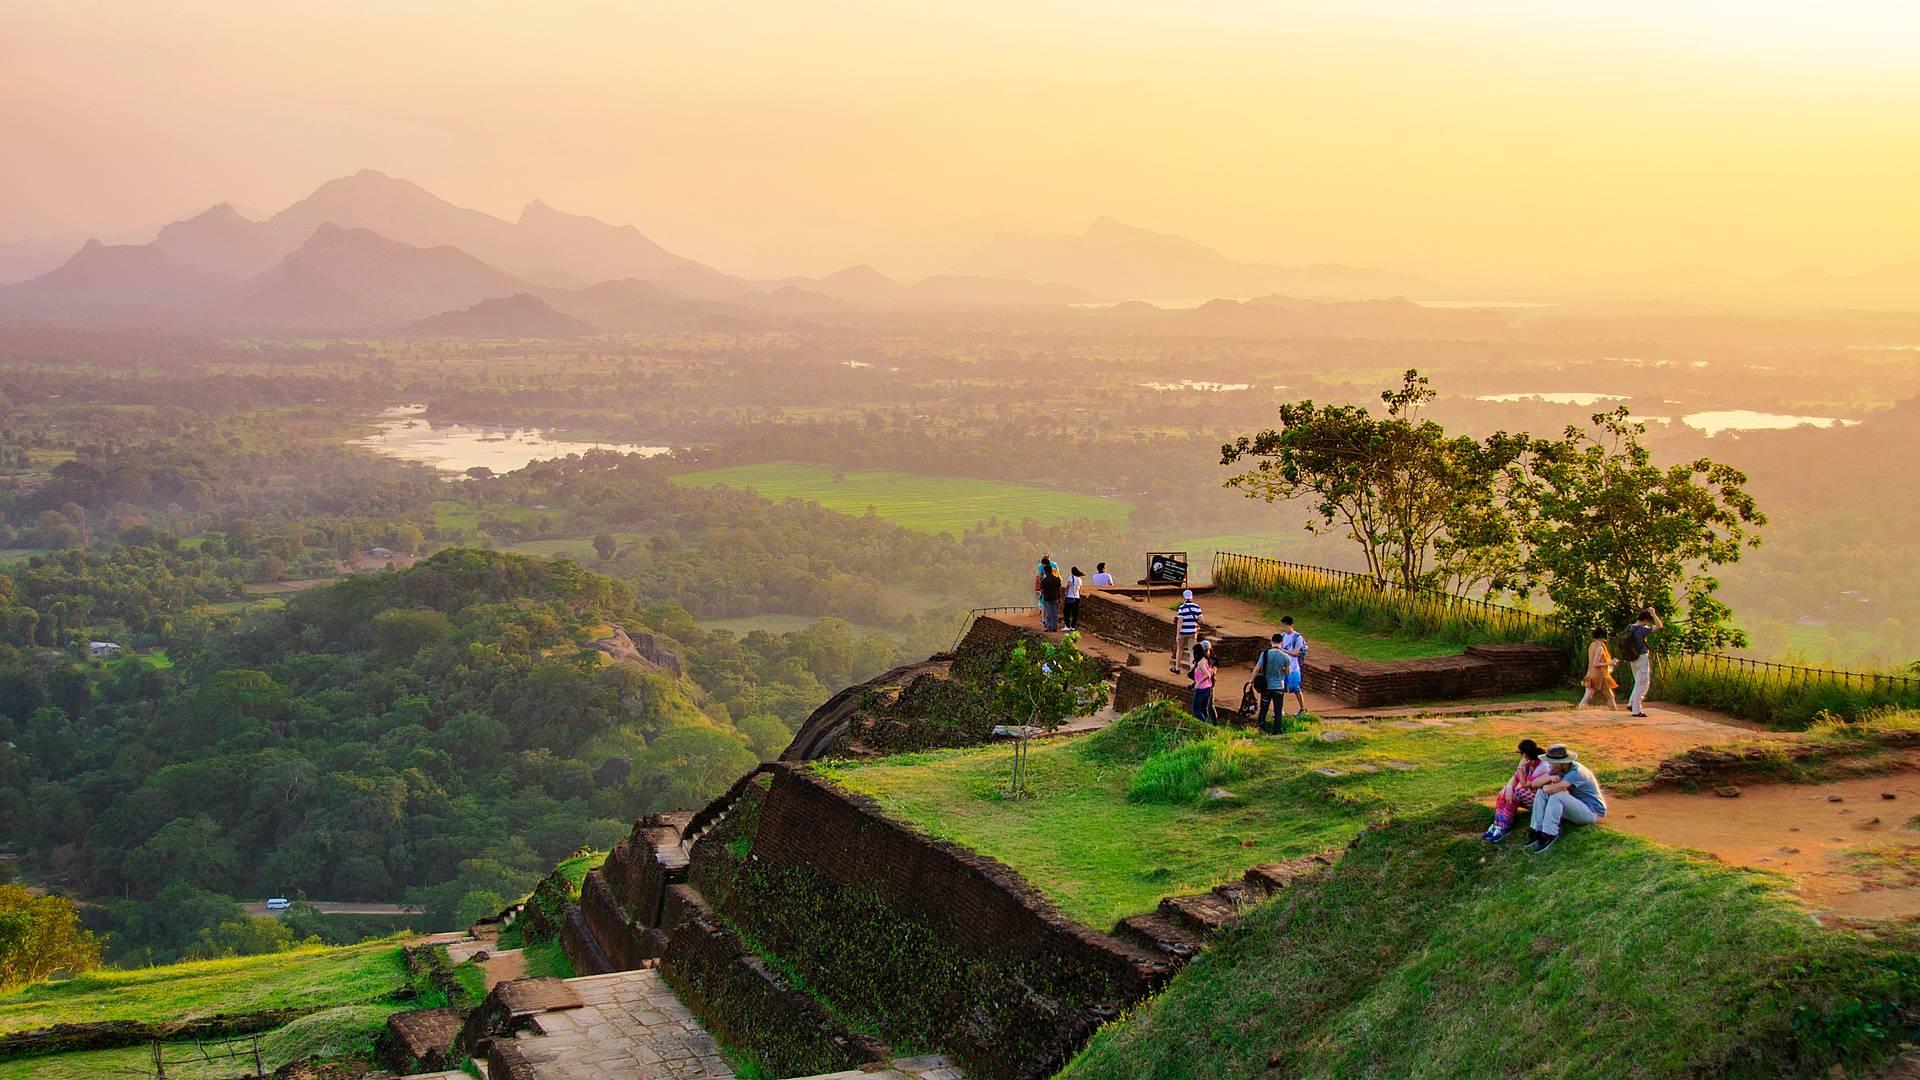 Recorre Sri Lanka fuera de los caminos trillados